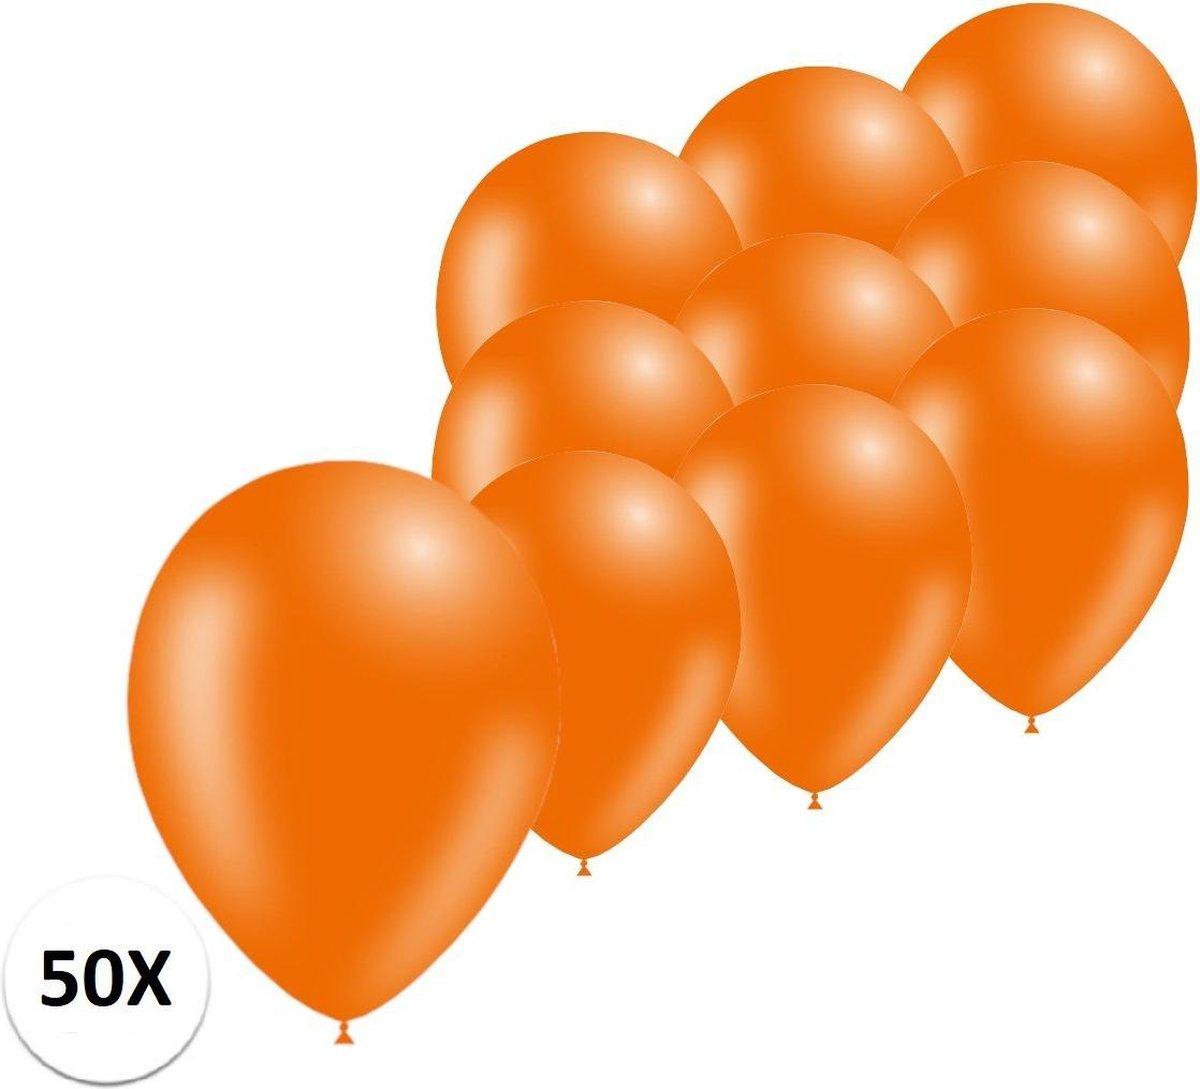 Oranje Ballonnen 50st Feestversiering EK Koningsdag WK Verjaardag Ballon